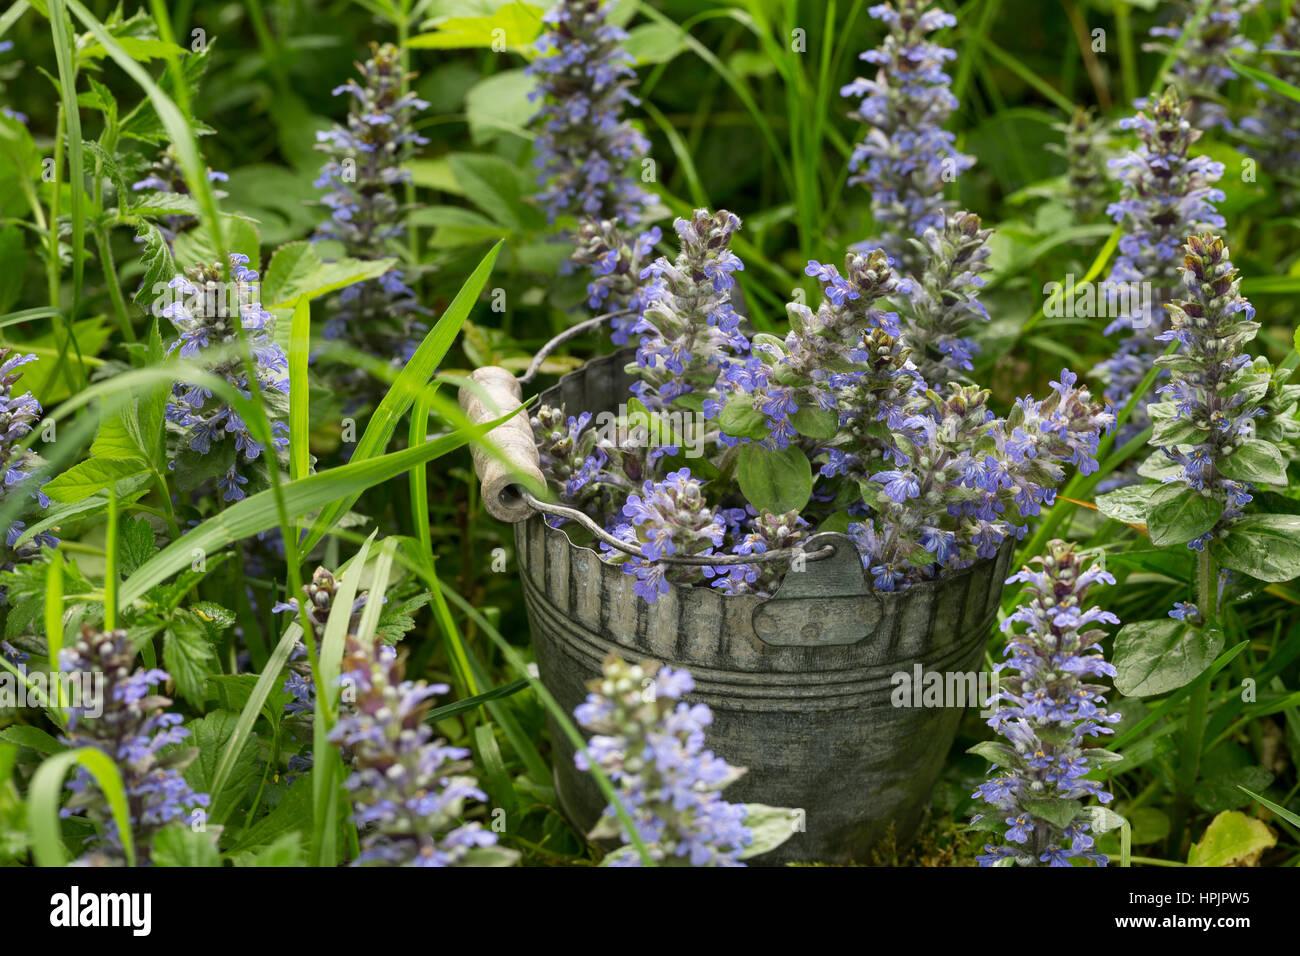 Kriechender Günsel, Ernte, Kräuter sammeln, gepflückte Pflanzen in einem Eimer, Ajuga reptans, bugle, blue bugle, Stock Photo